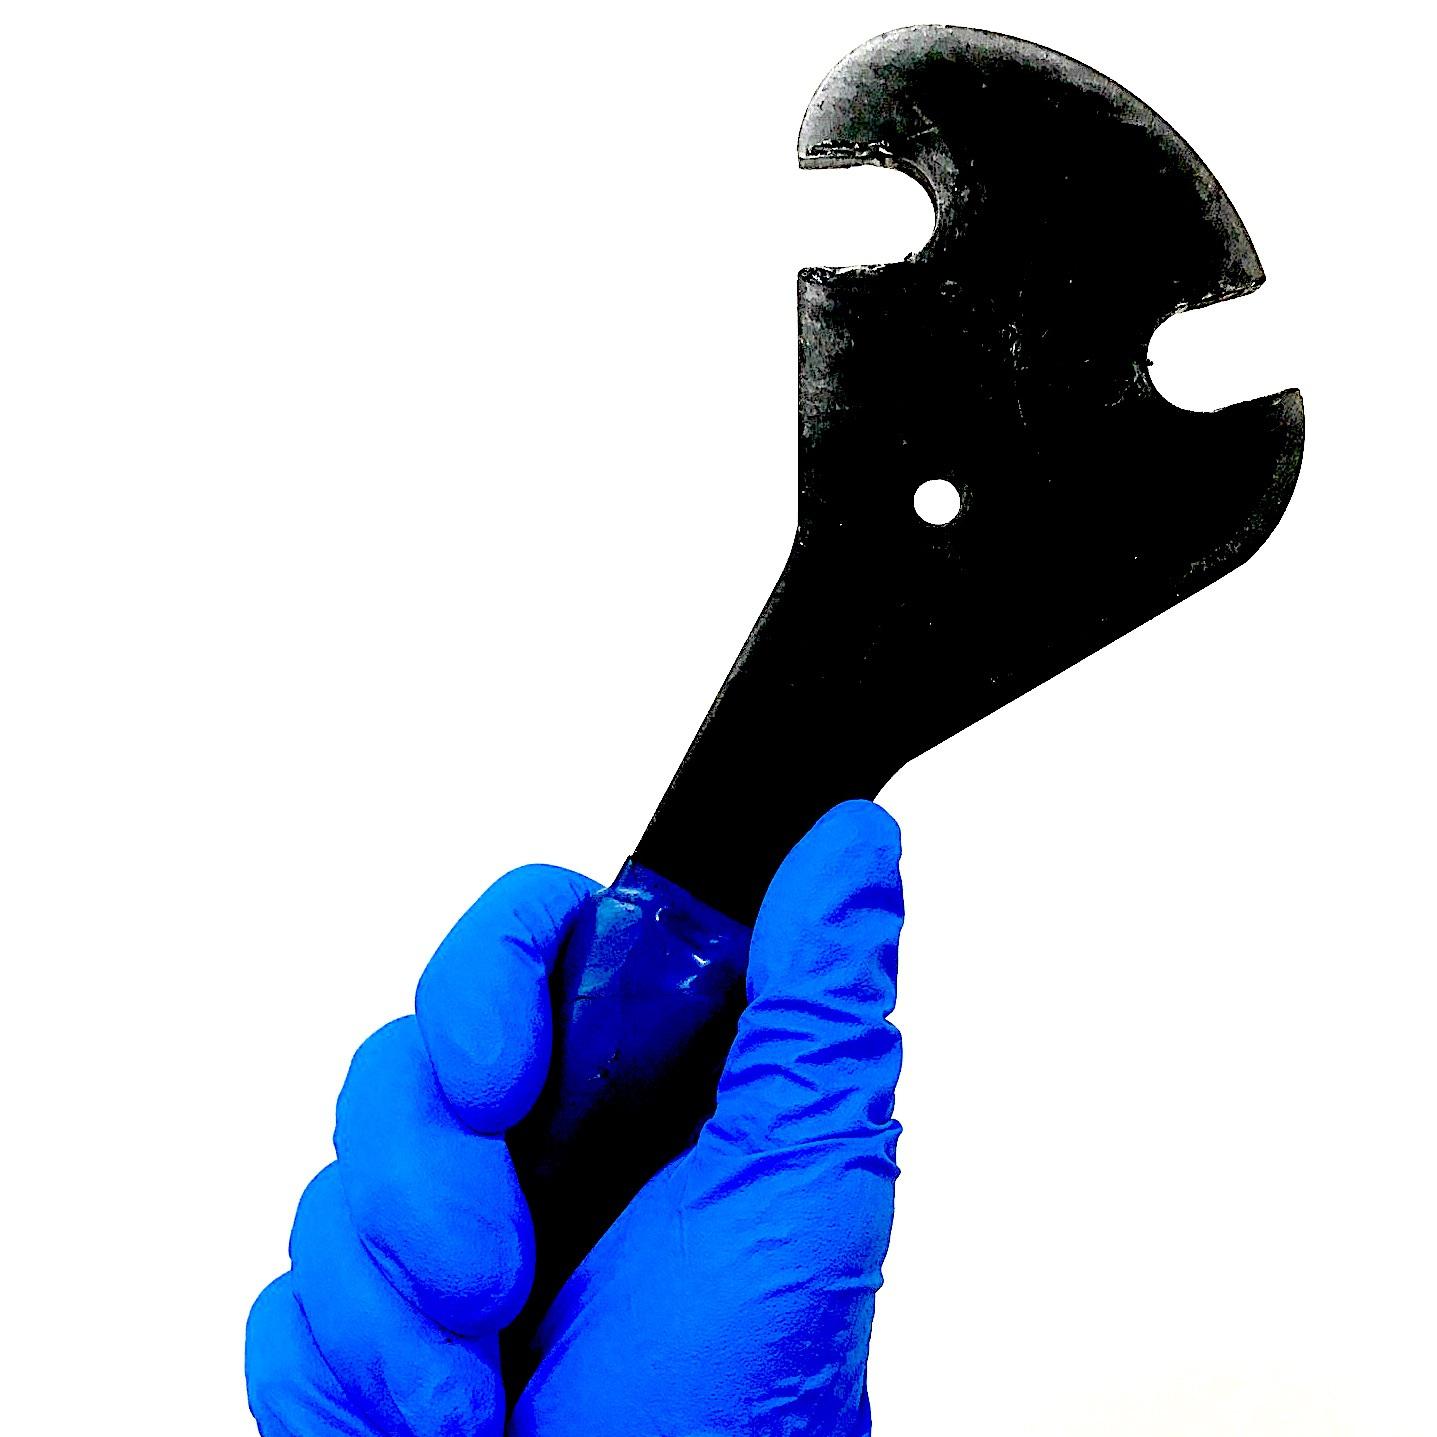 Blue+Glove+1.jpg